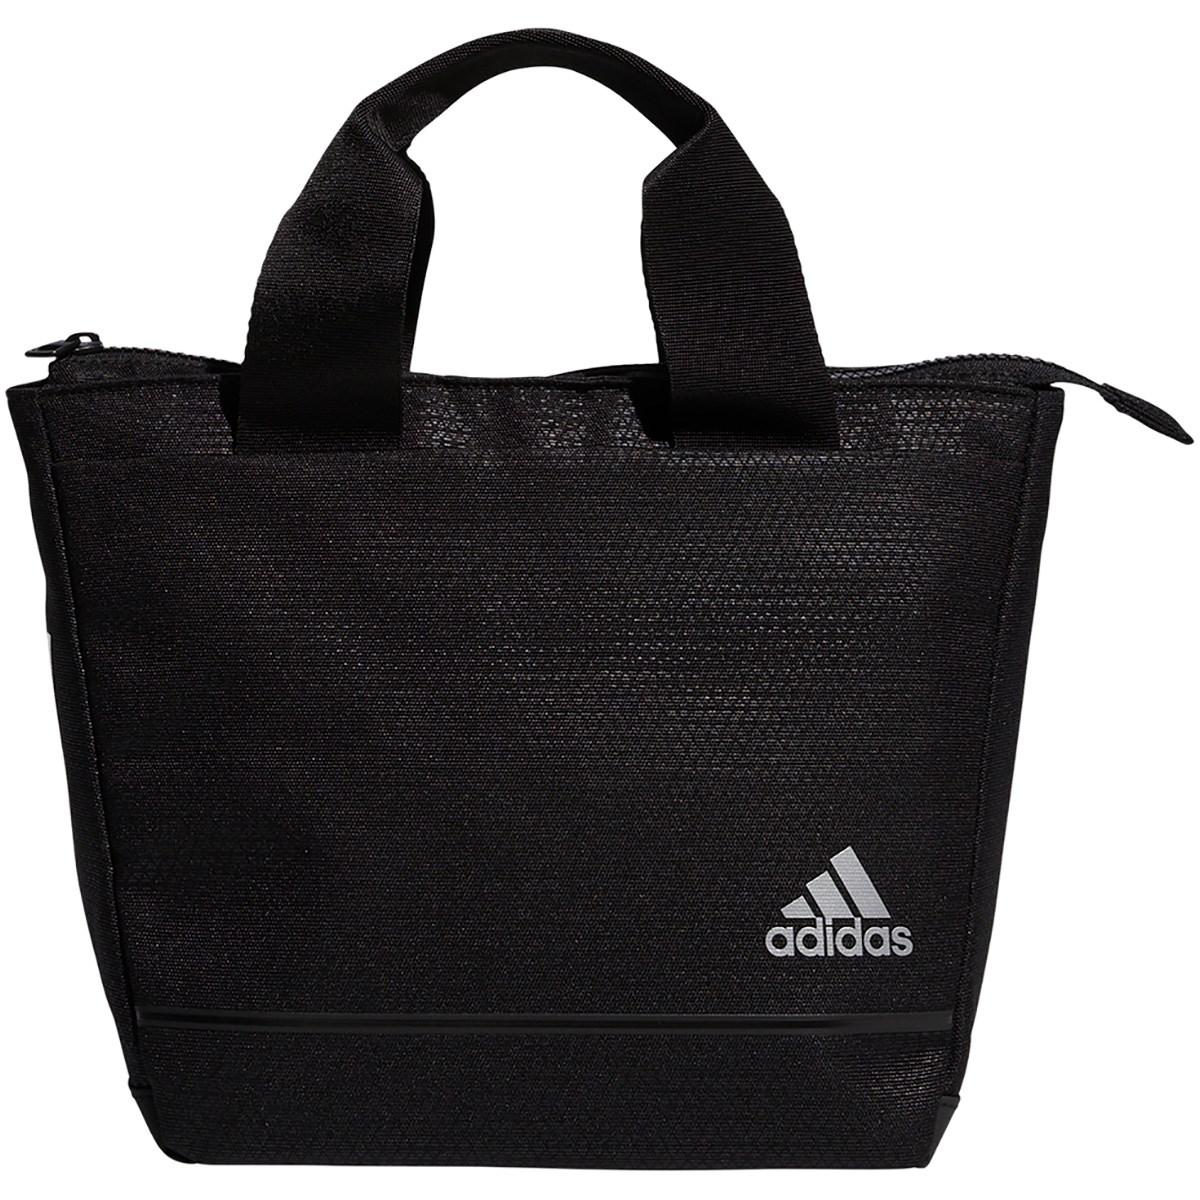 アディダス Adidas ラウンドトートバッグ ブラック